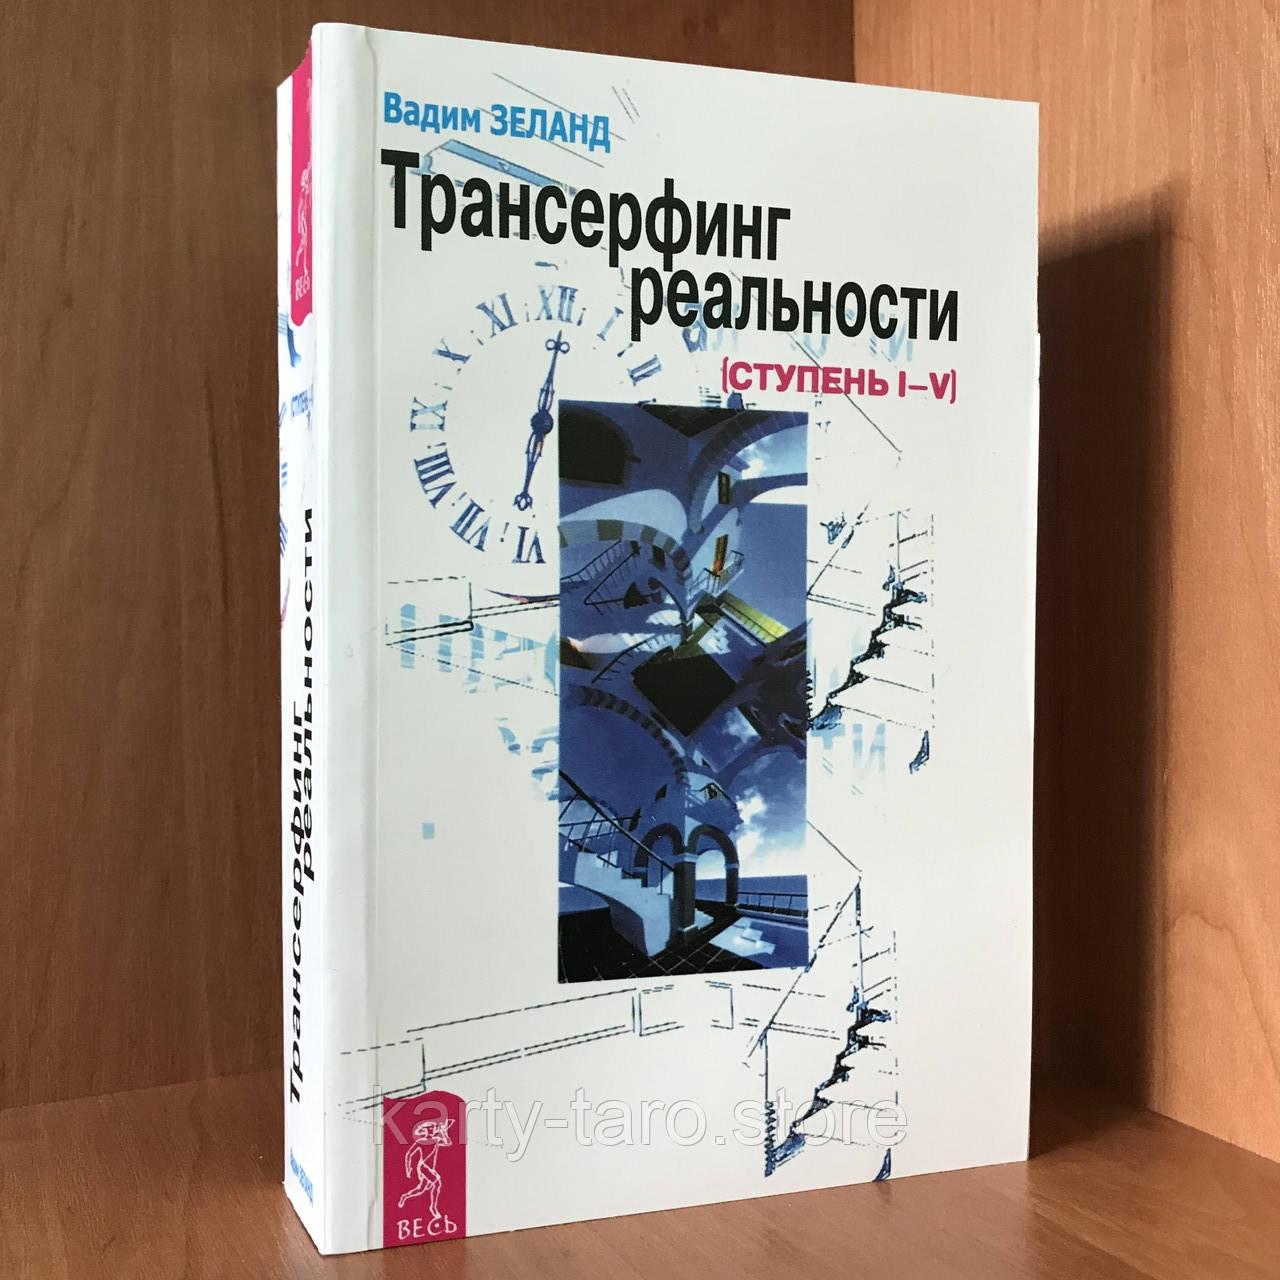 Книга Трансерфинг реальности 1-5 ступень - Вадим Зеланд (мягкая обложка)